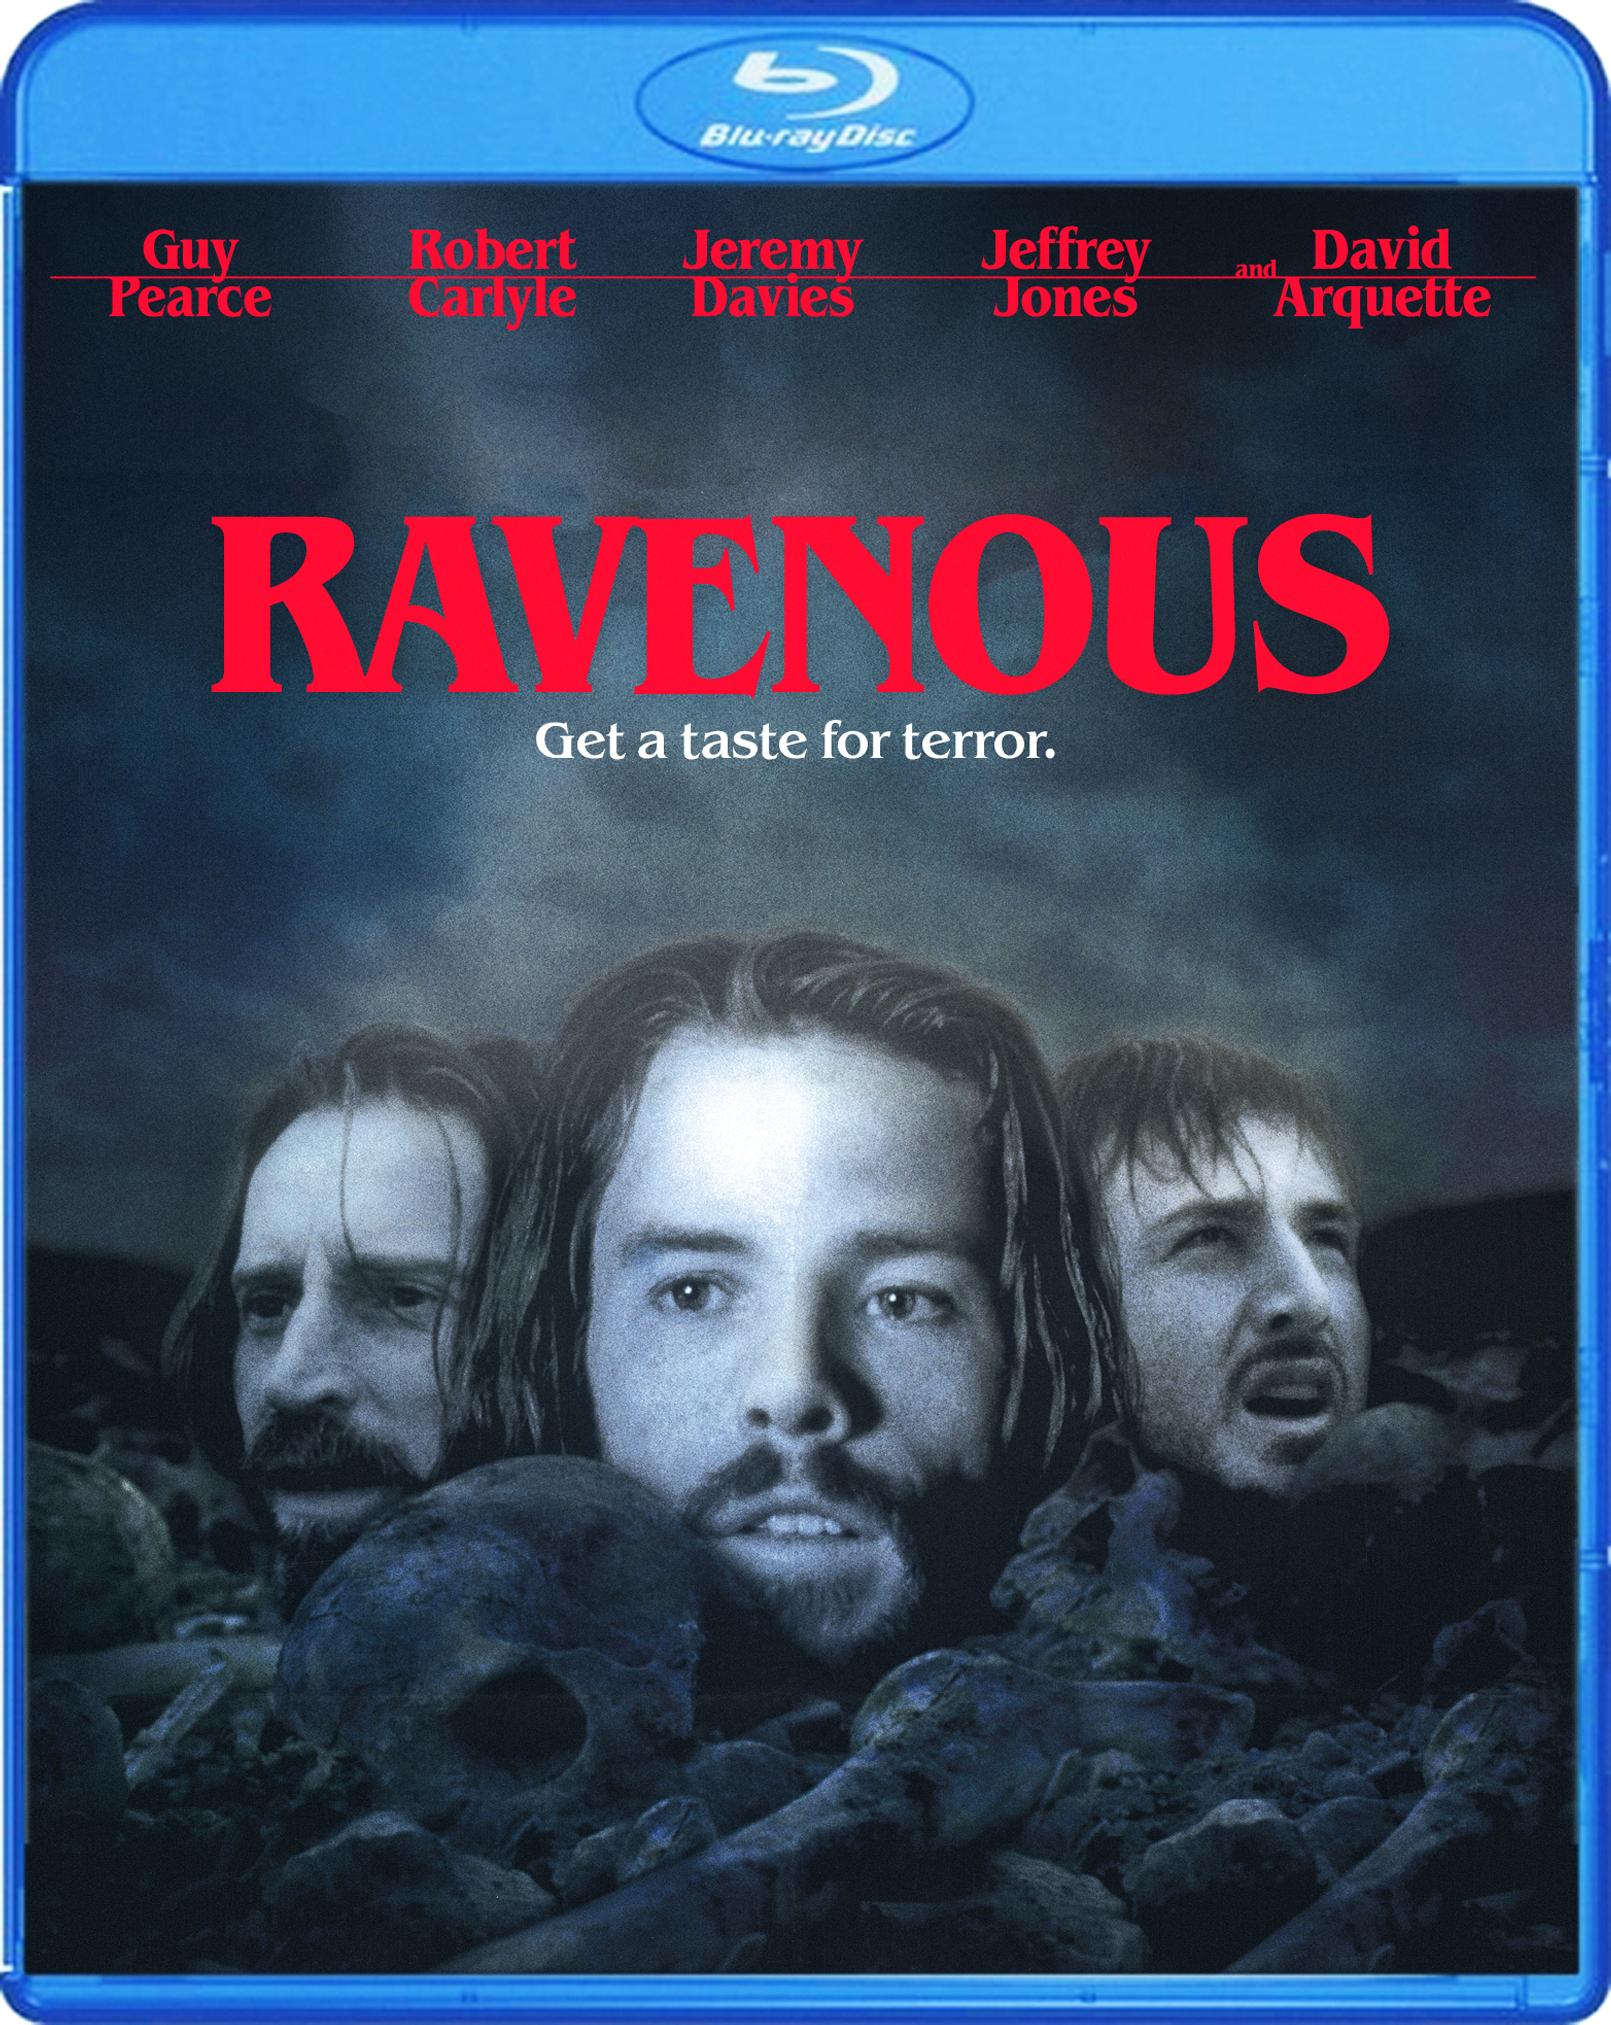 RavenousBDCover300dpi.png